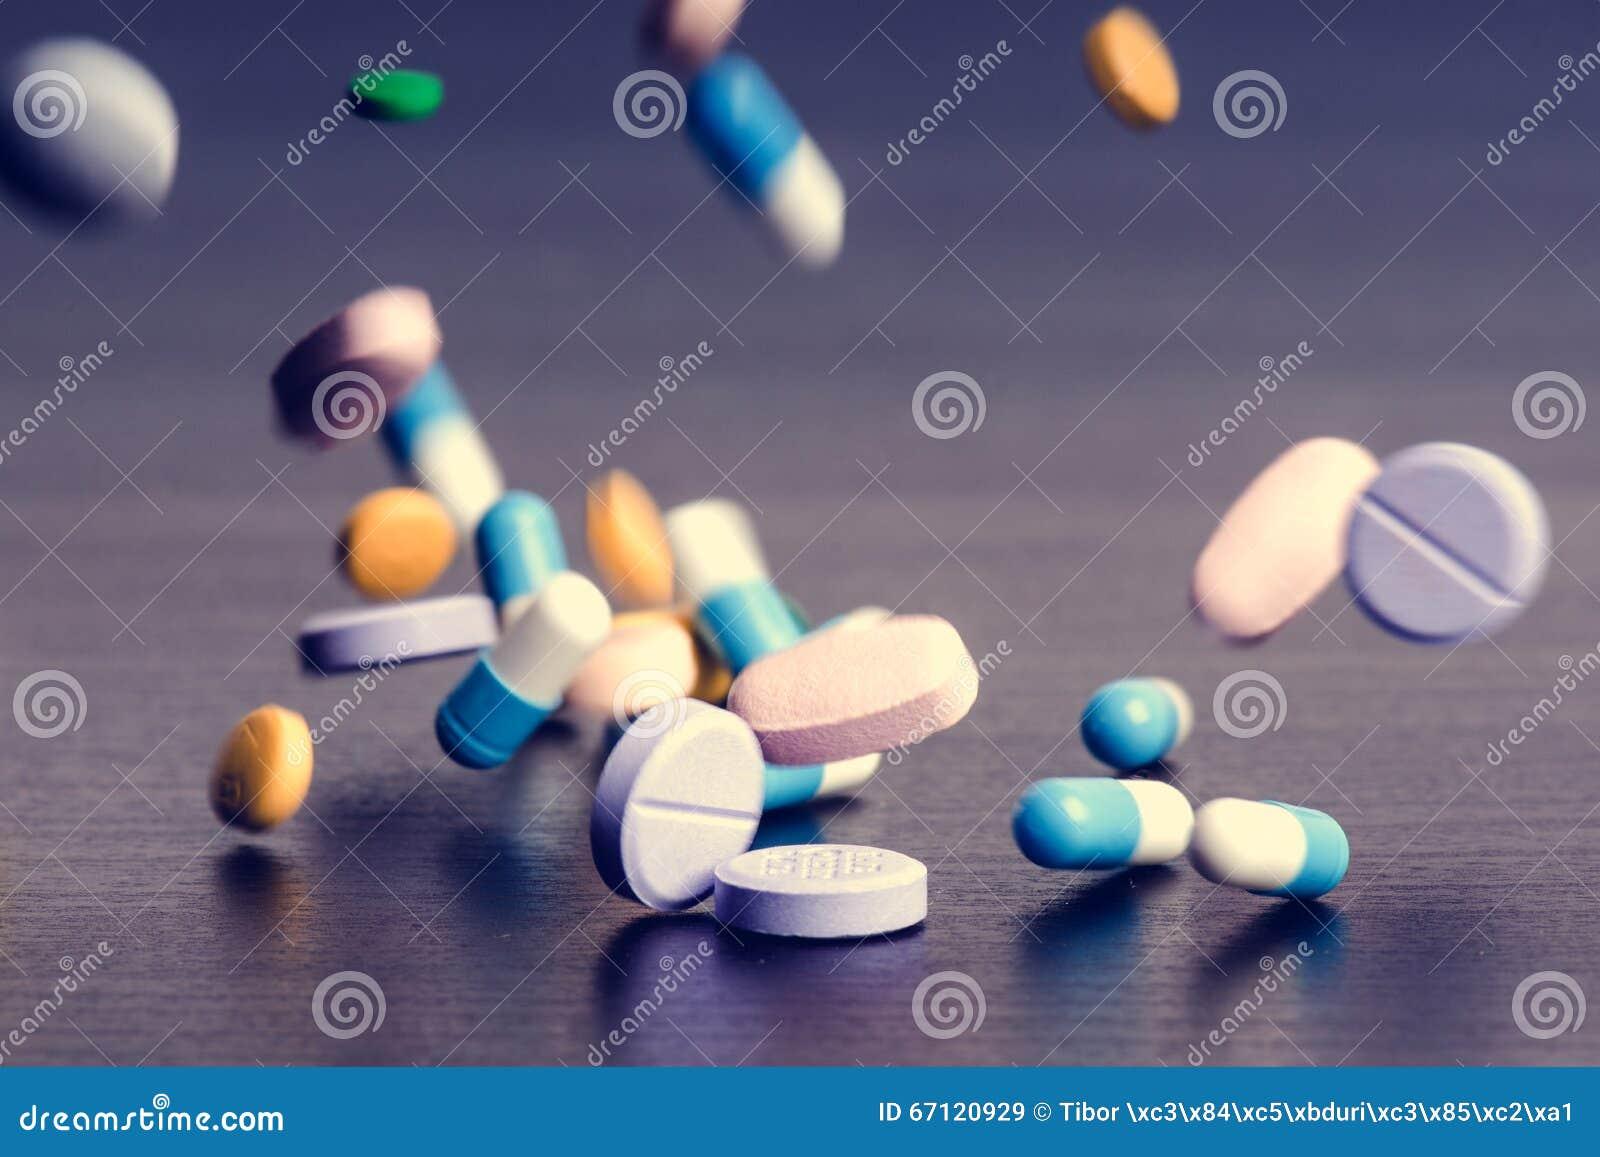 Apothekenhintergrund auf einer dunklen Tabelle Levitationspillen Tablets auf einem dunklen Hintergrund der, der abfällt Pillen Me